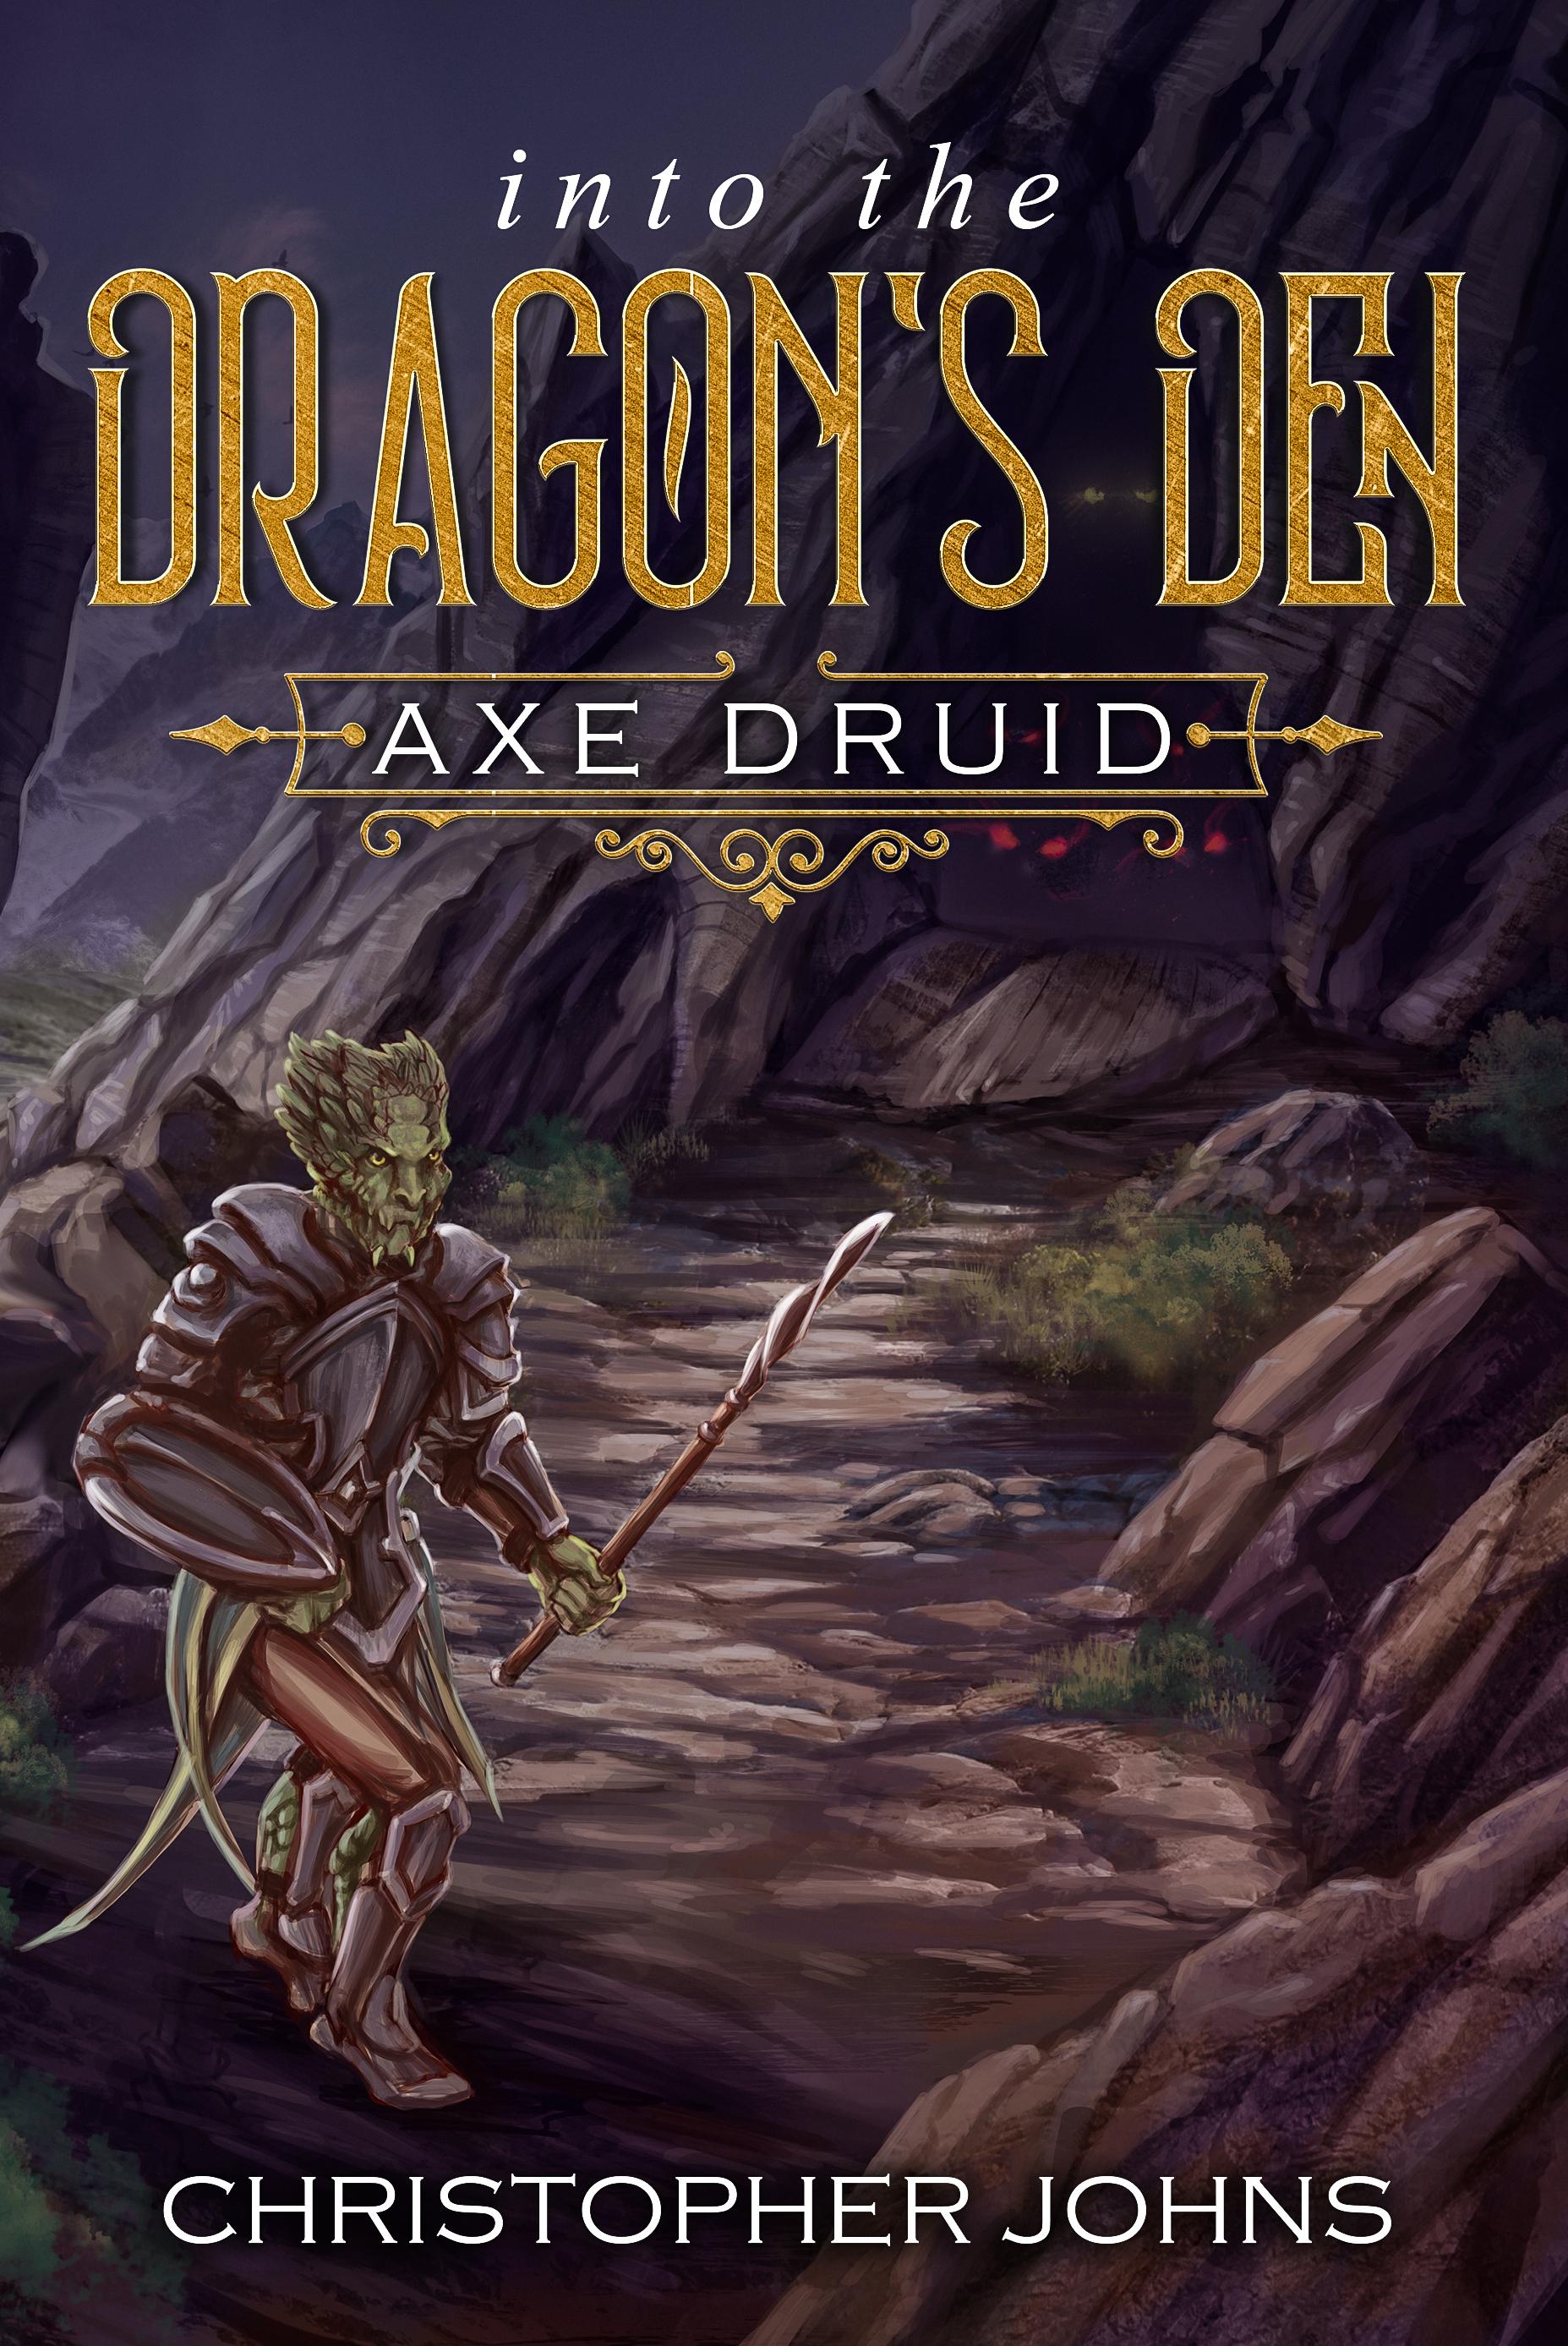 Axe Druid: Into the Dragon's Den